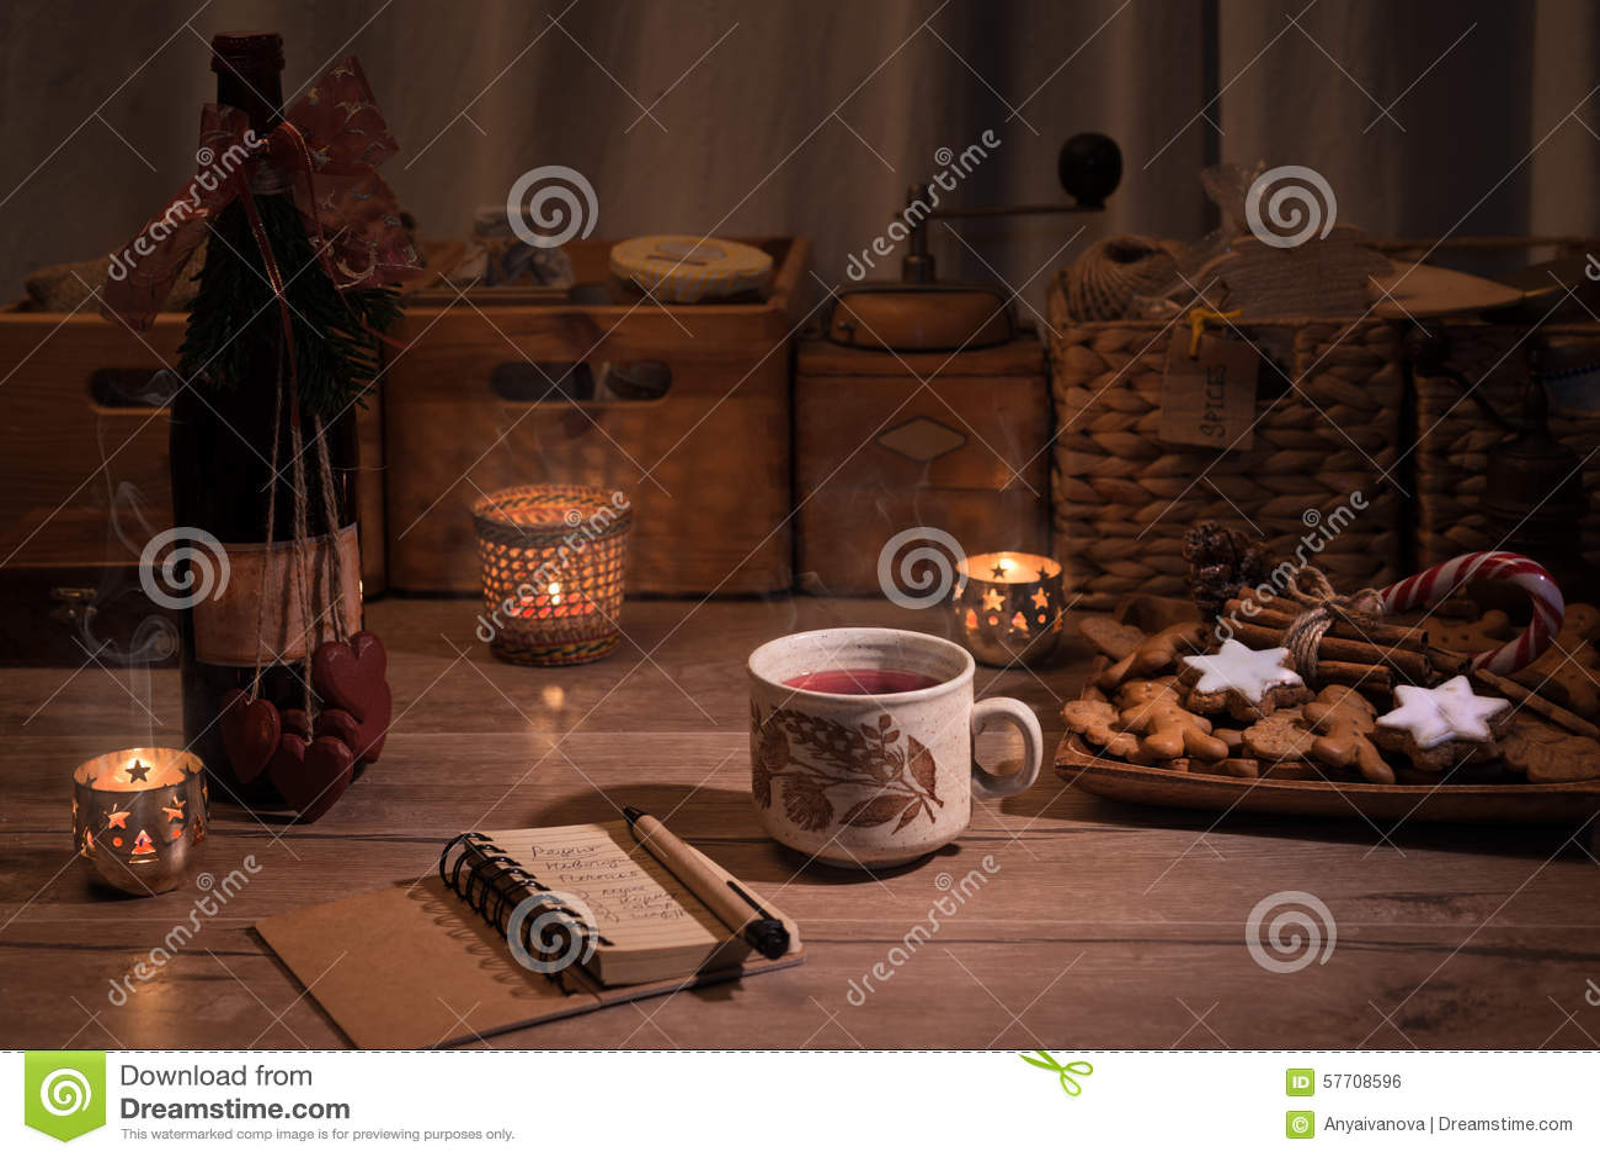 Weihnachtsküche Mit Glühwein Und Plätzchen Stockfoto - Bild von gruß ...